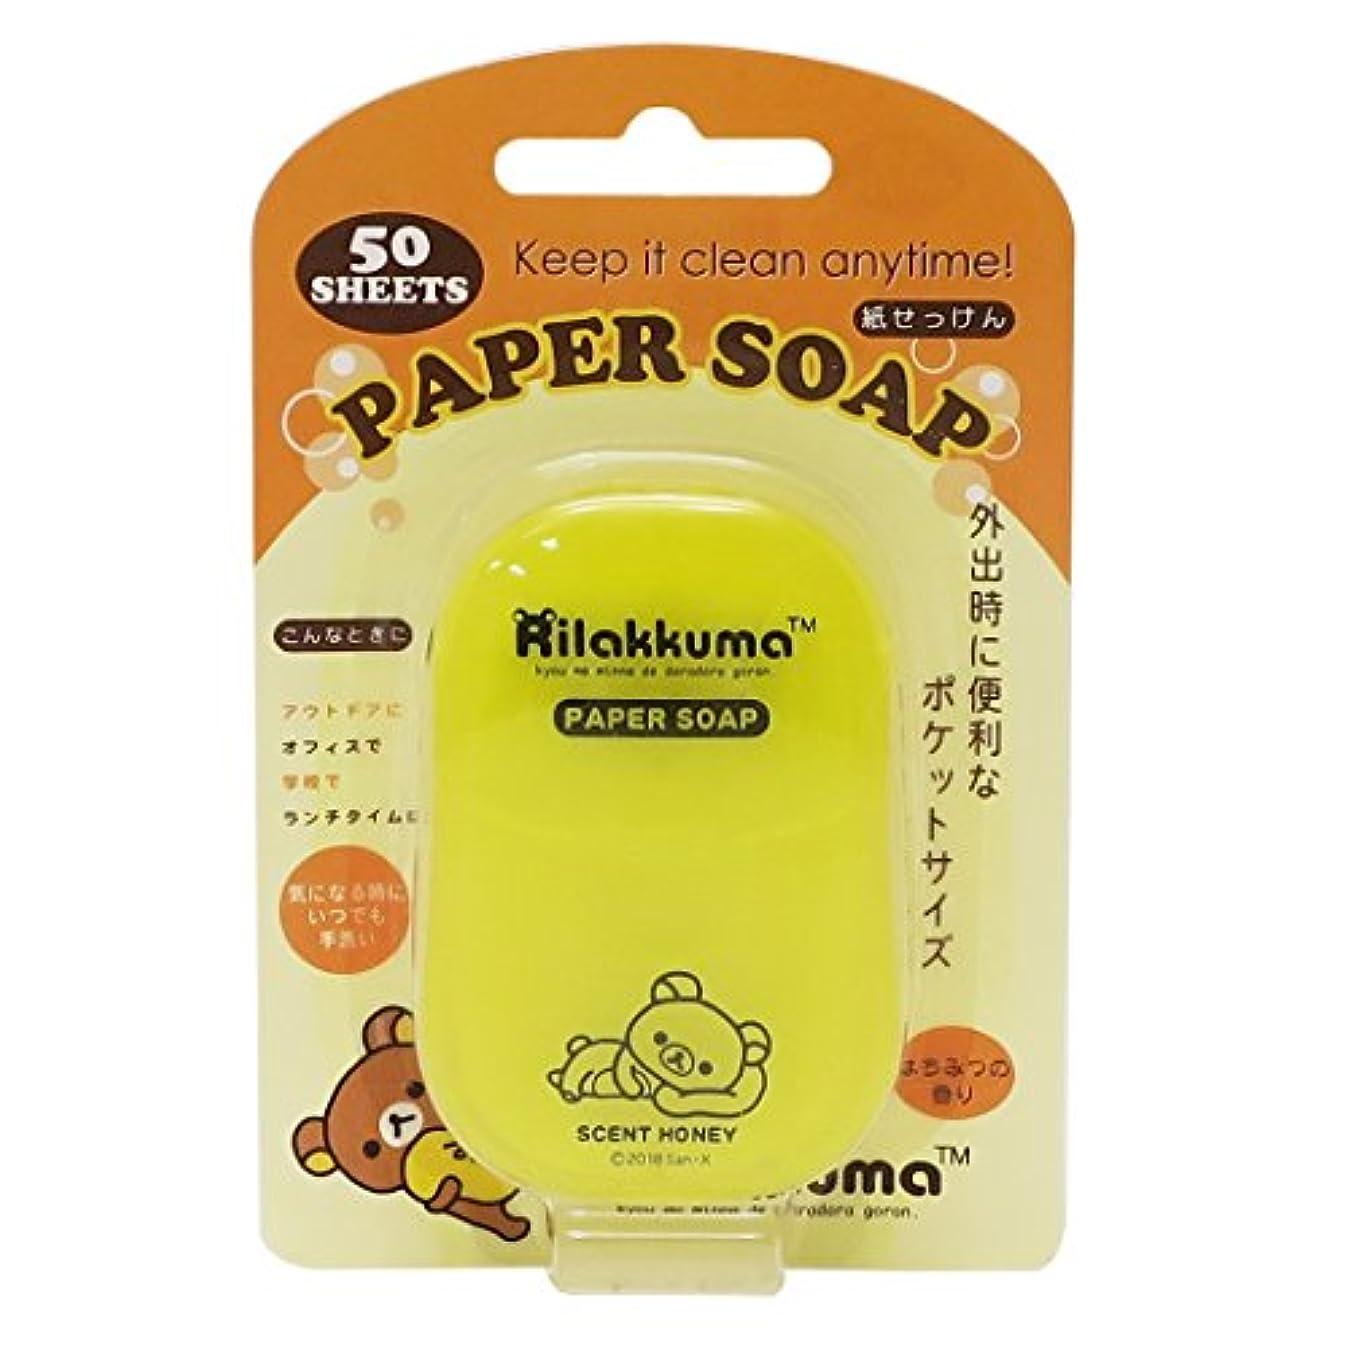 広範囲安らぎ習慣リラックマ[衛生雑貨]紙せっけん50枚入り/はちみつの香り サンエックス